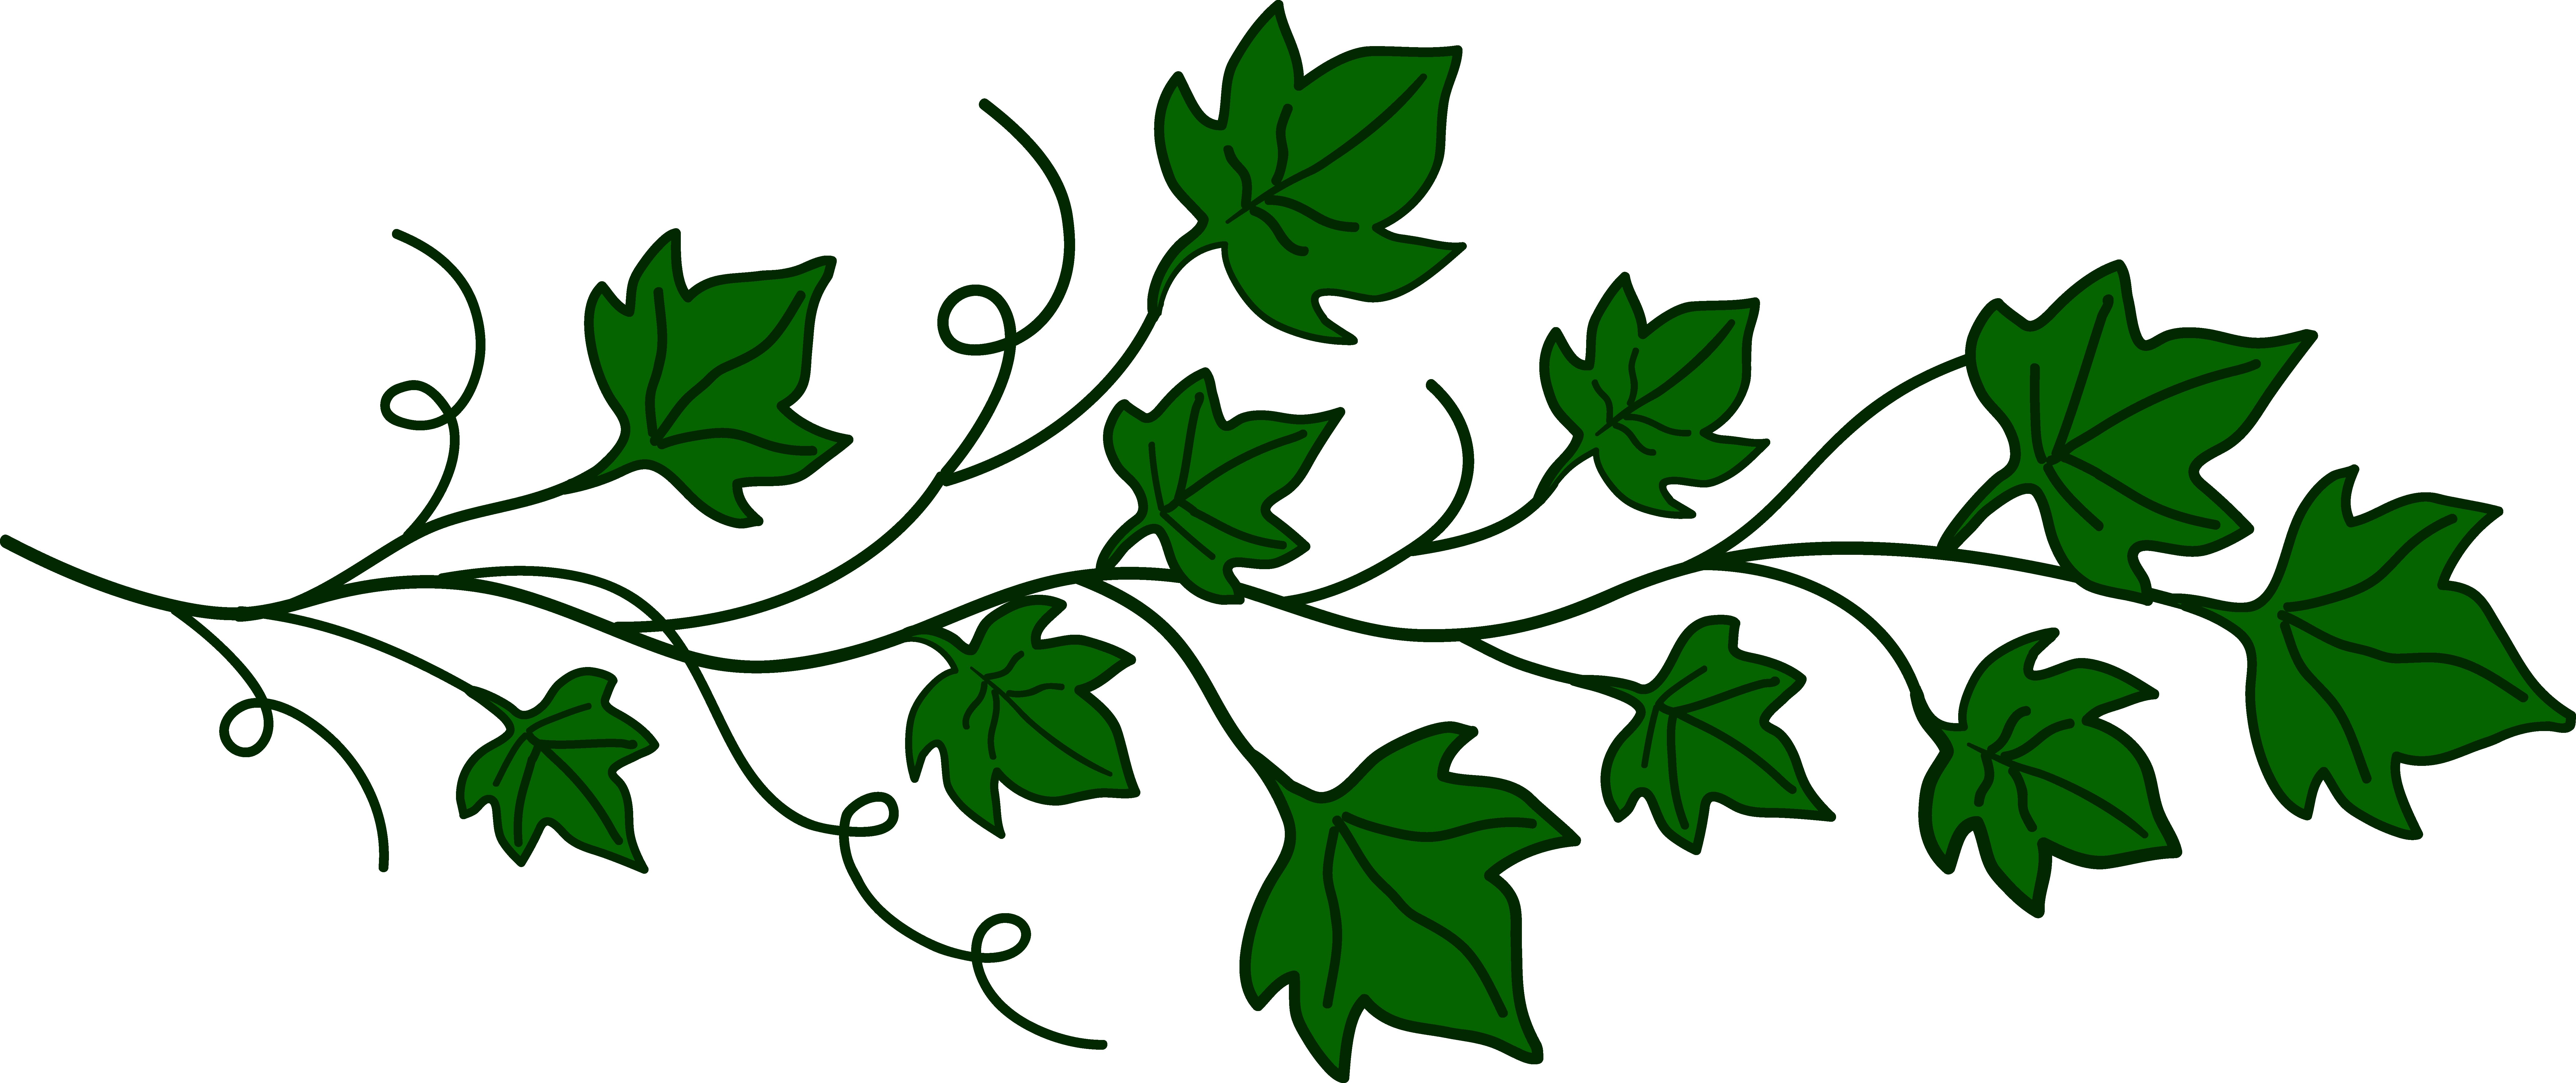 Vine clipart. Free clip art pictures